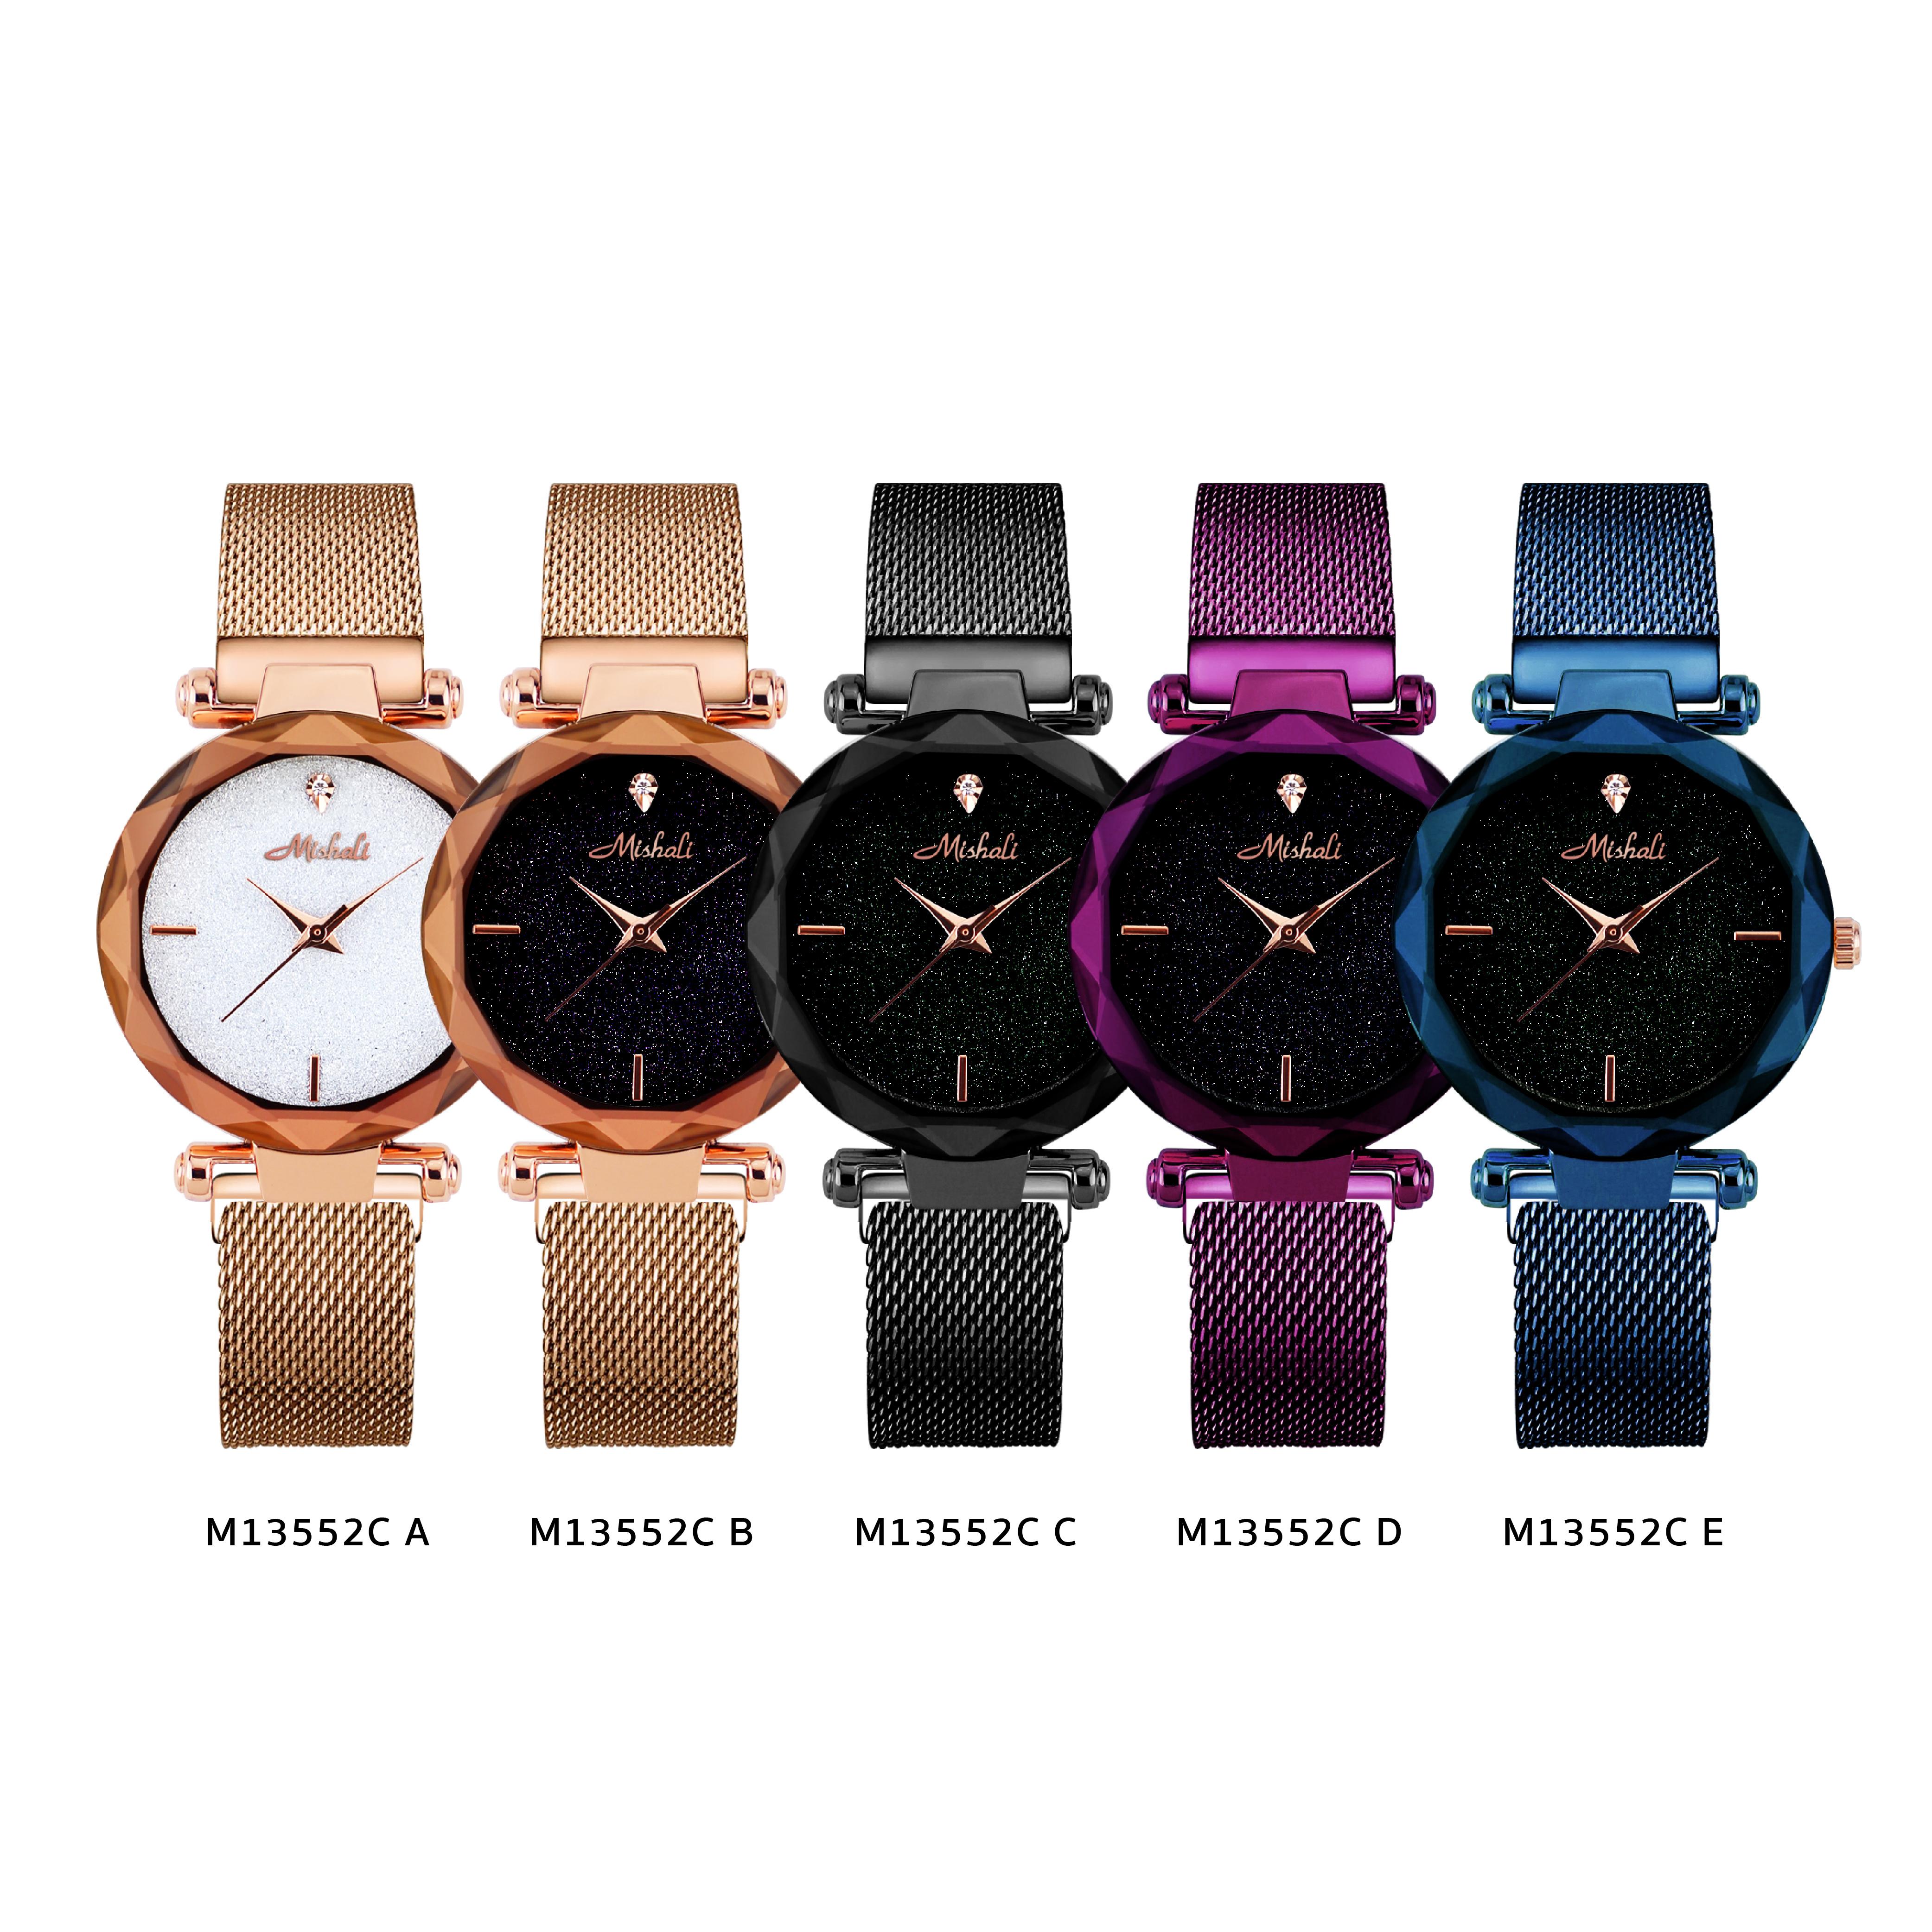 นาฬิกาข้อมือผู้หญิง MISHALI M13552C E